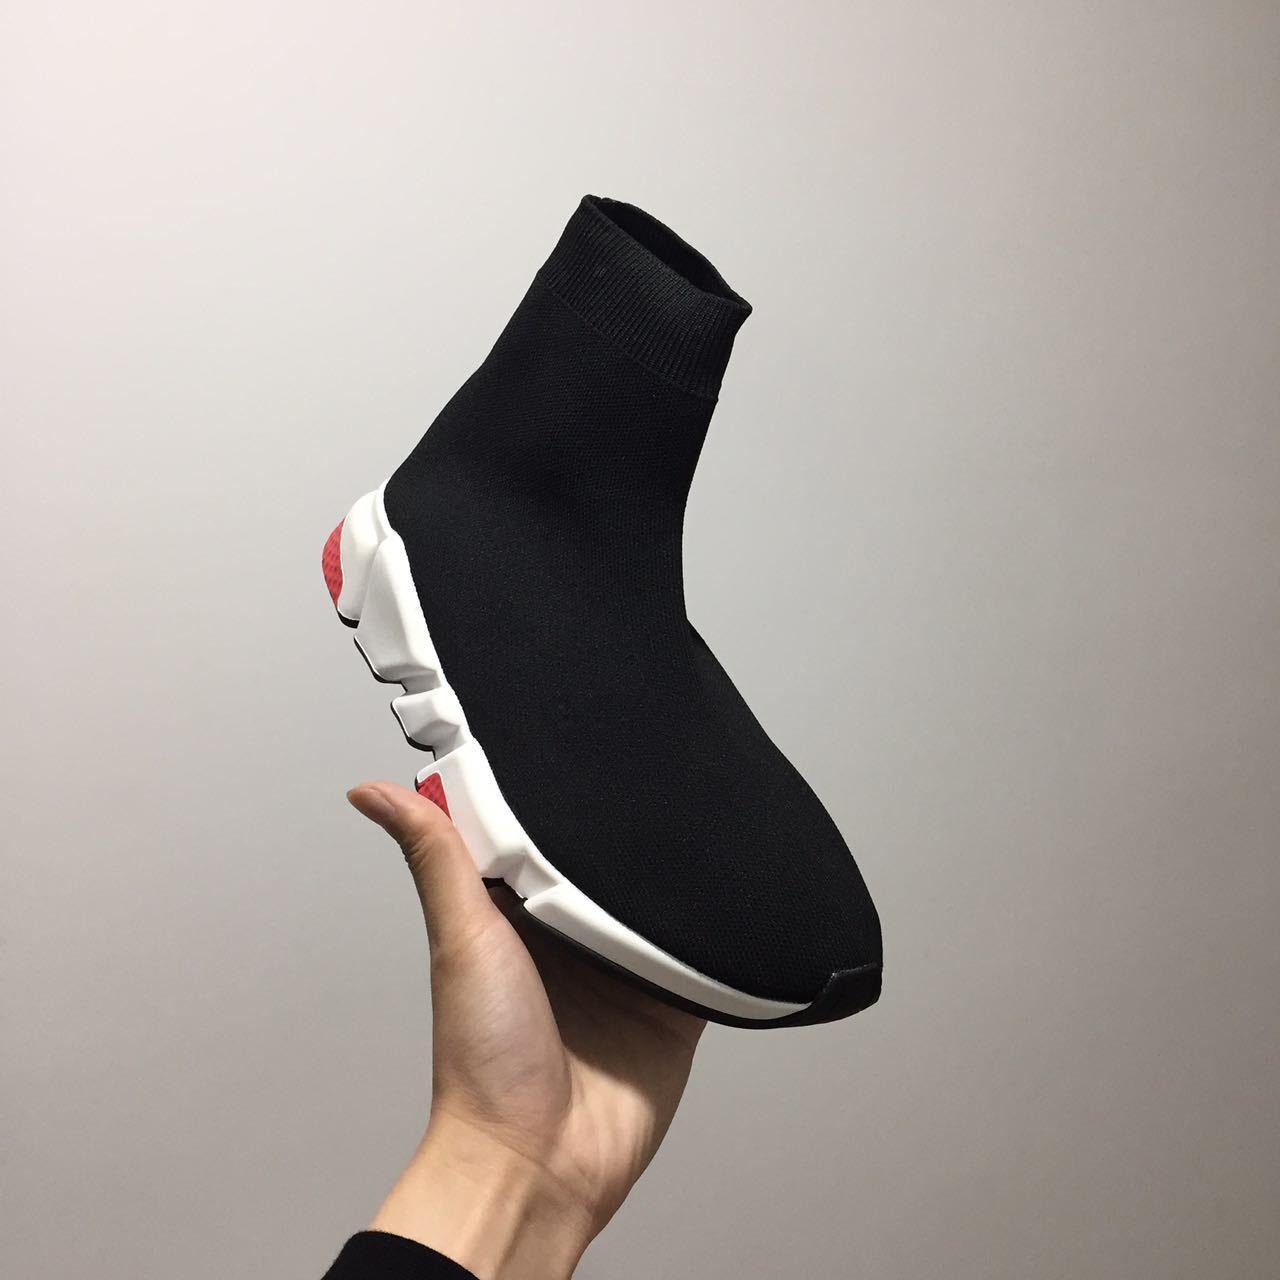 2020 Socken-Schuh Speed Trainer Turnschuhe Speed Trainer Socken-Rennen Schwarze Schuhe Männer und Frauen Nizza Schwarze Schuhe 36-45